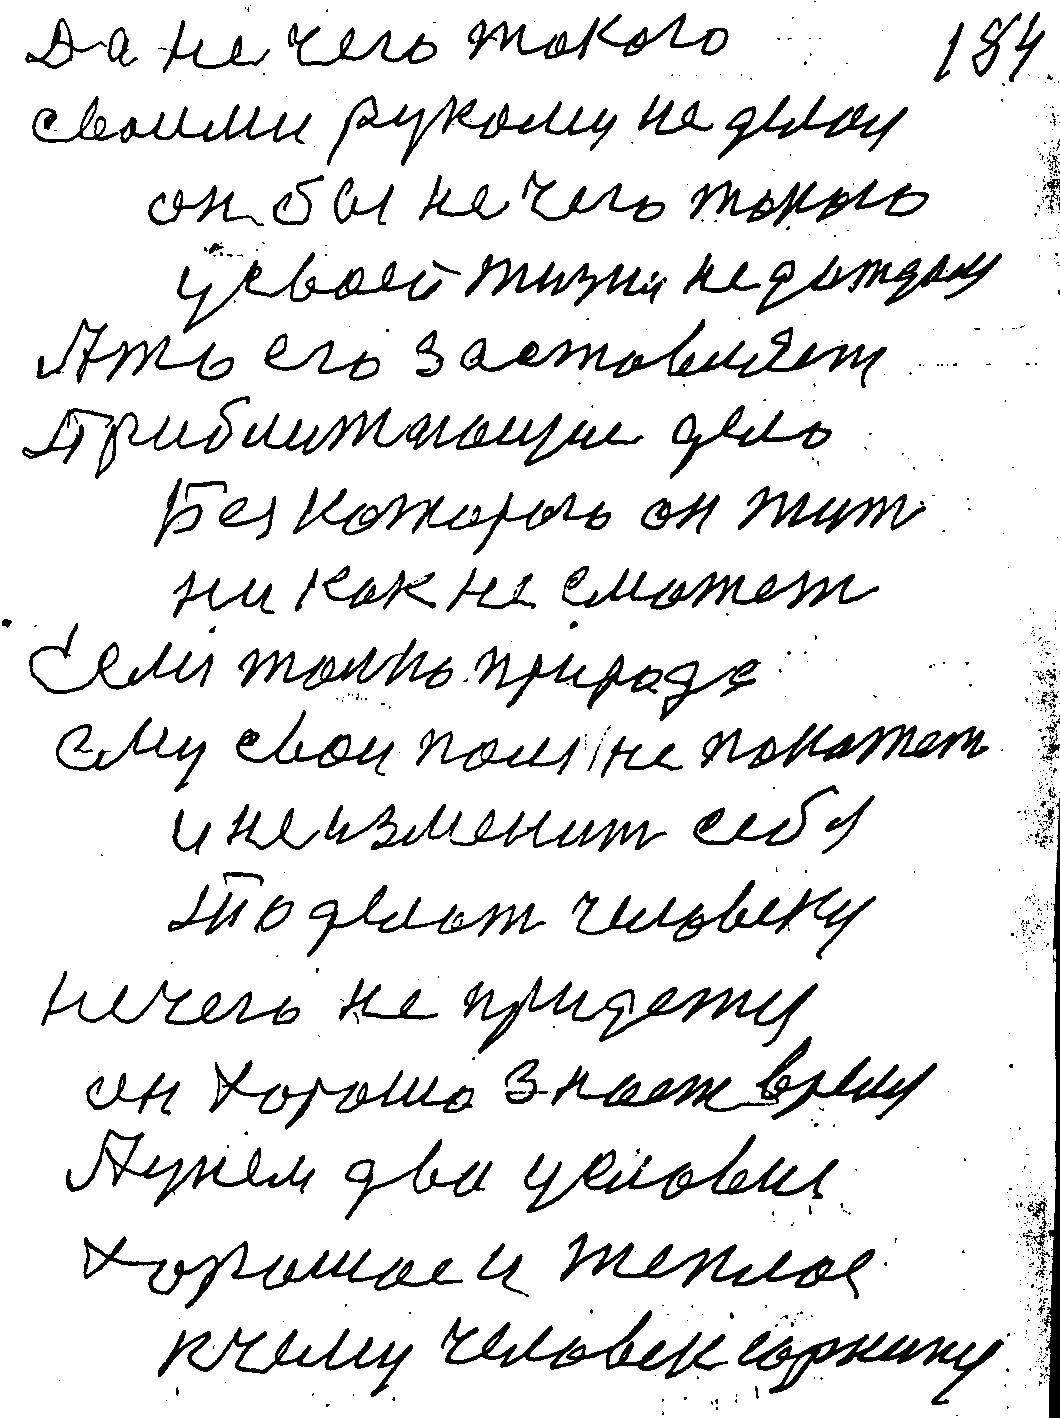 Str188.jpg